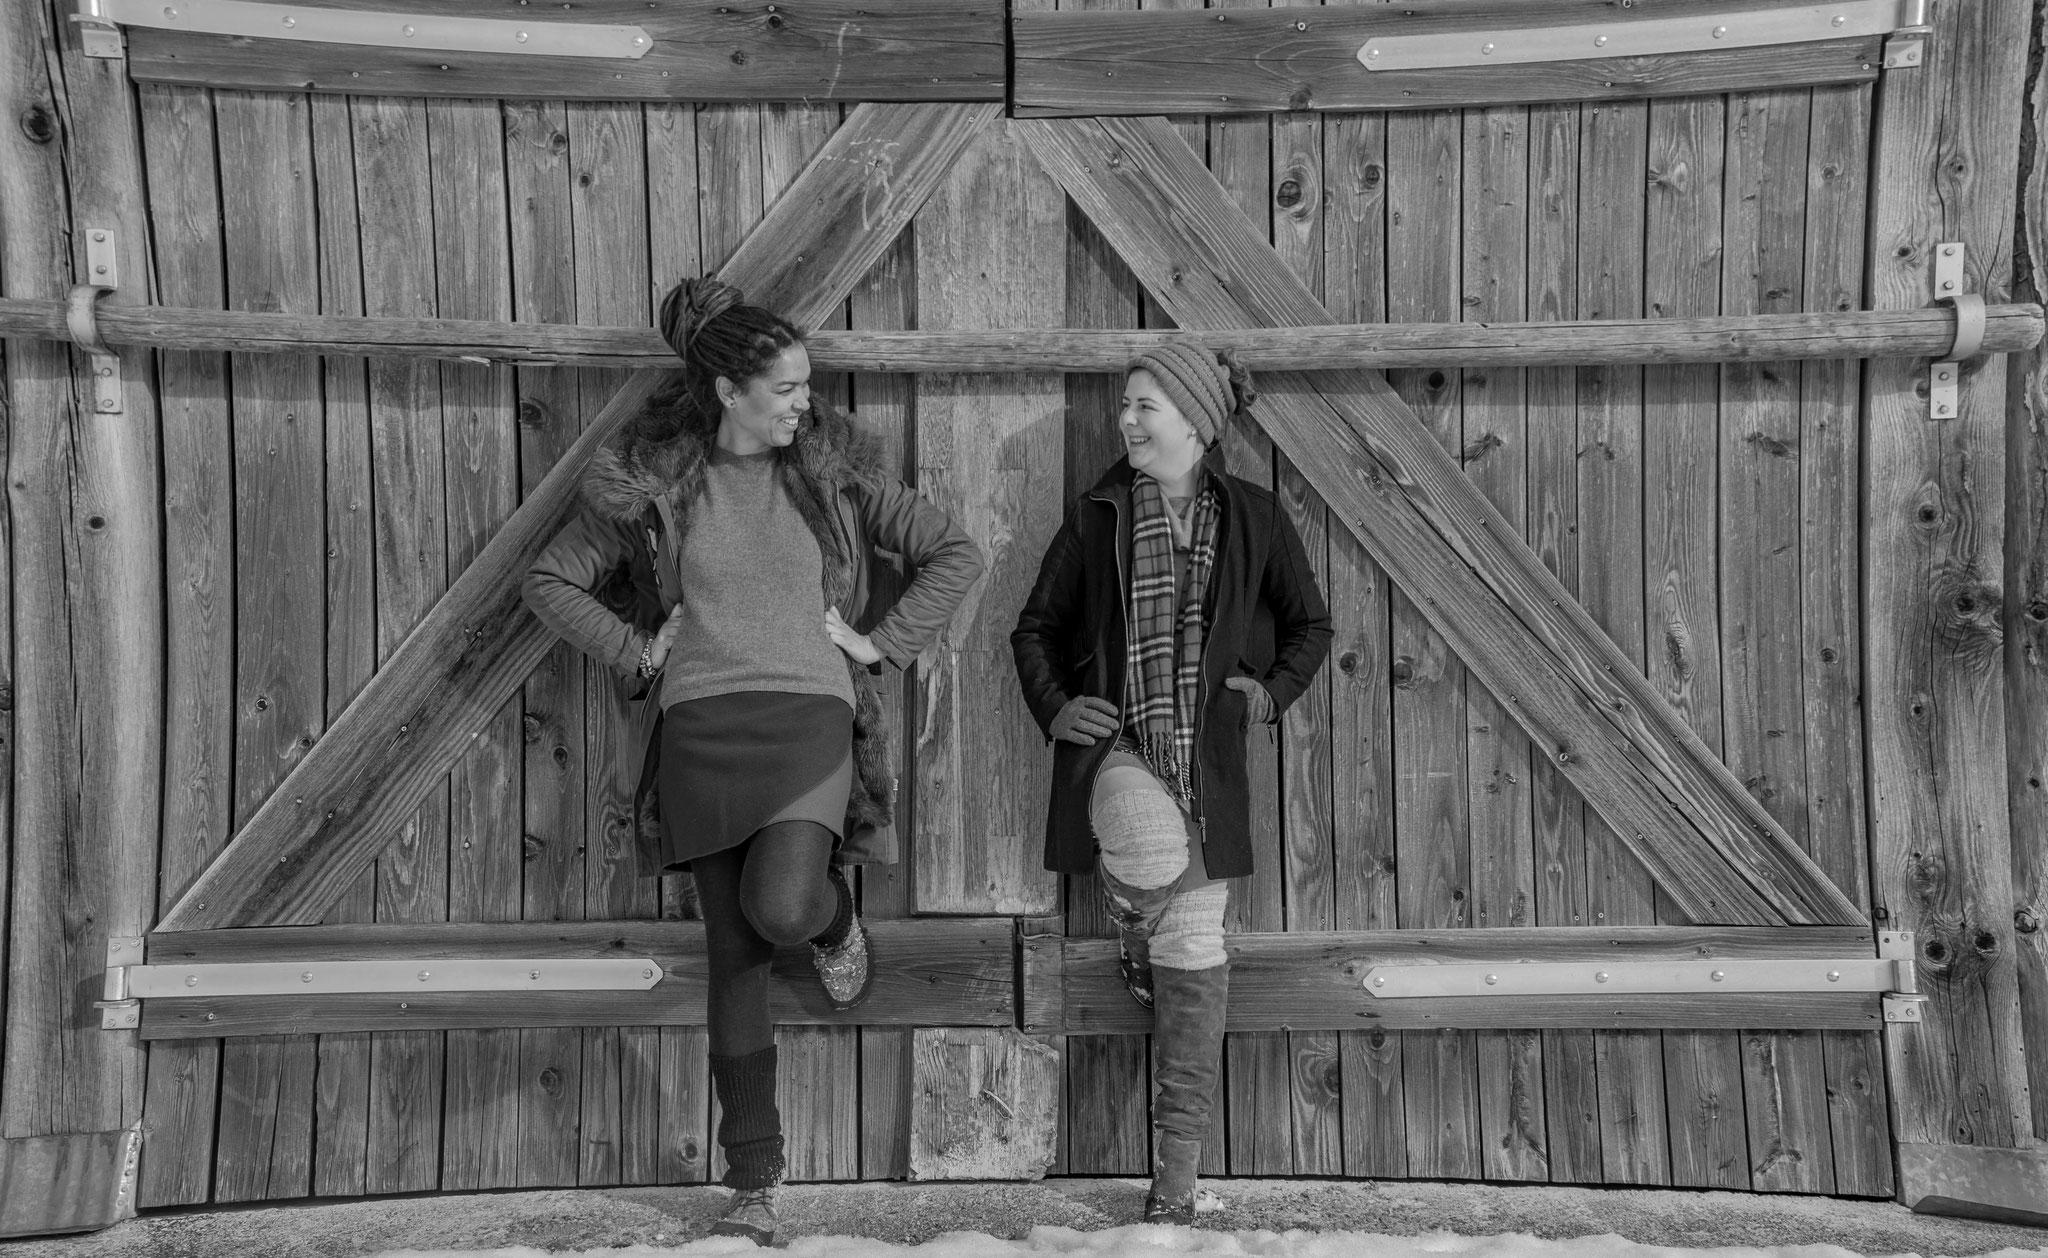 Mdels kennenlernen aus deutschlandsberg: Dating portal